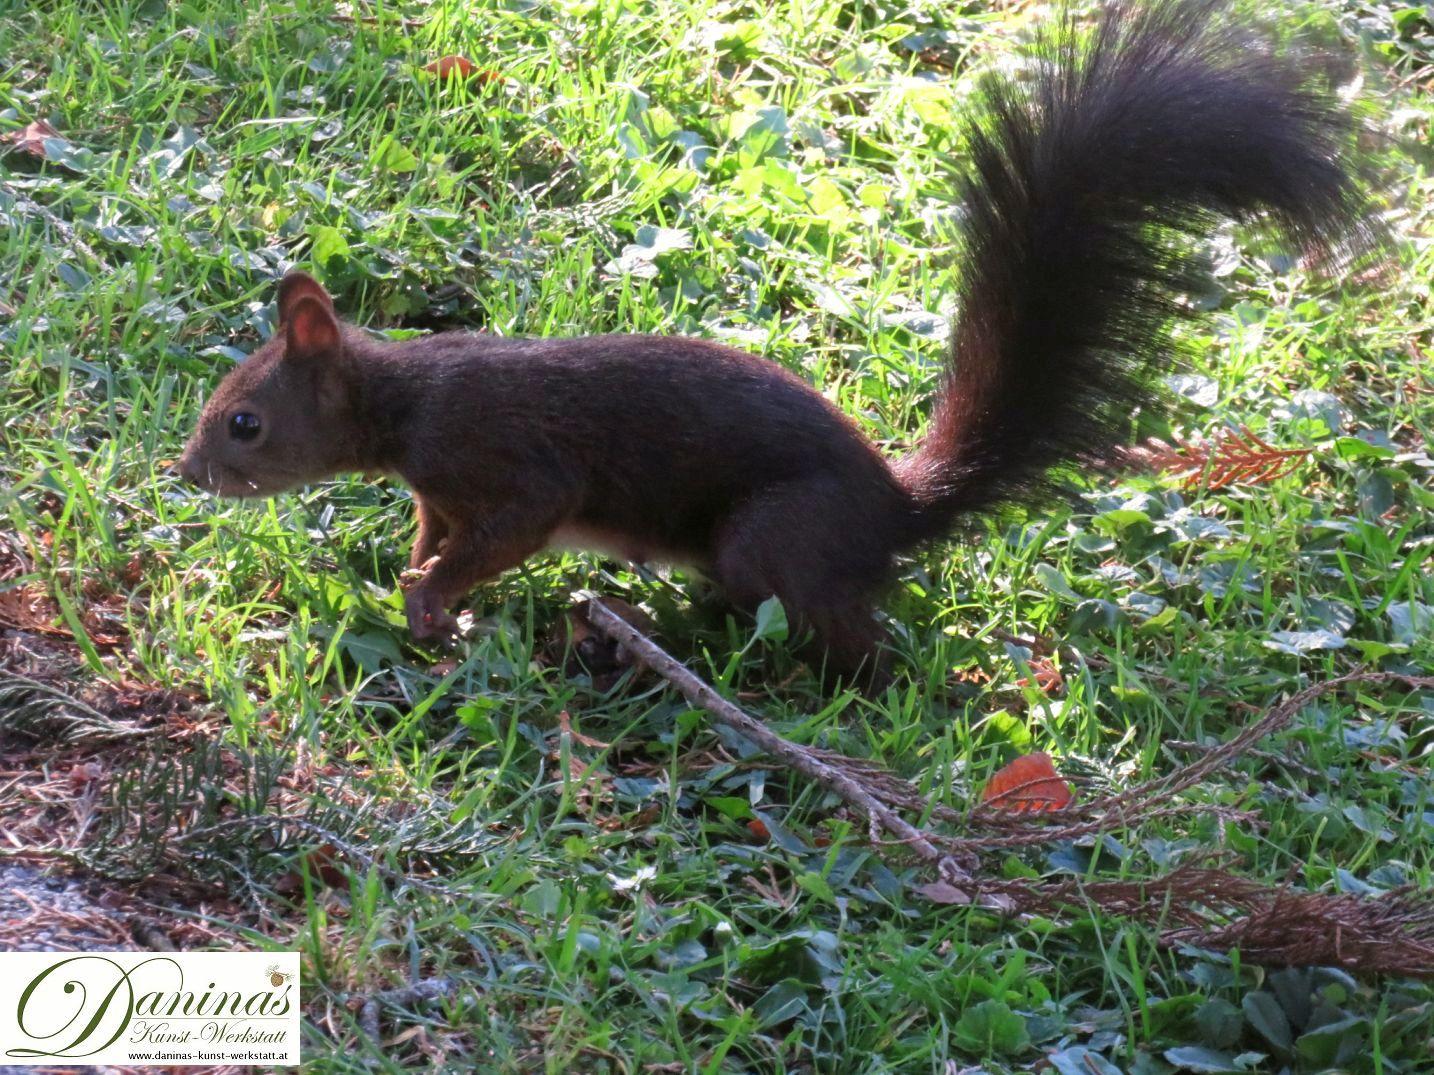 Eichhörnchen sucht am Boden nach Pilzen und Zapfen.